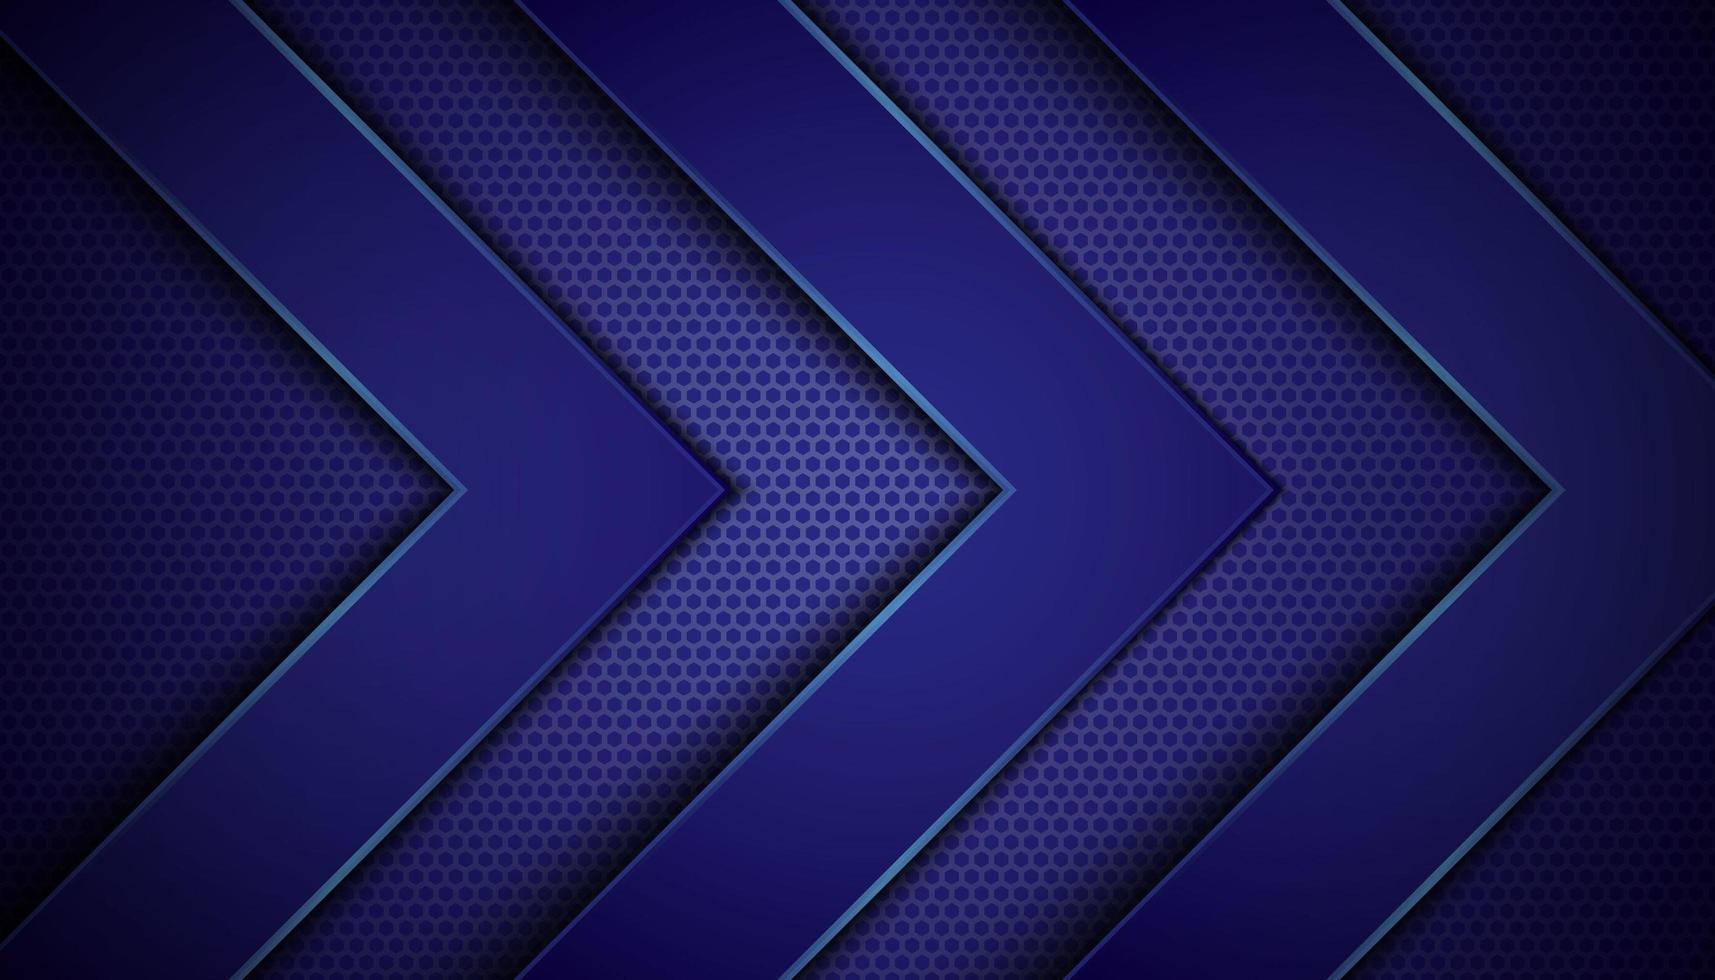 mörkblå bakgrund med pillager vektor